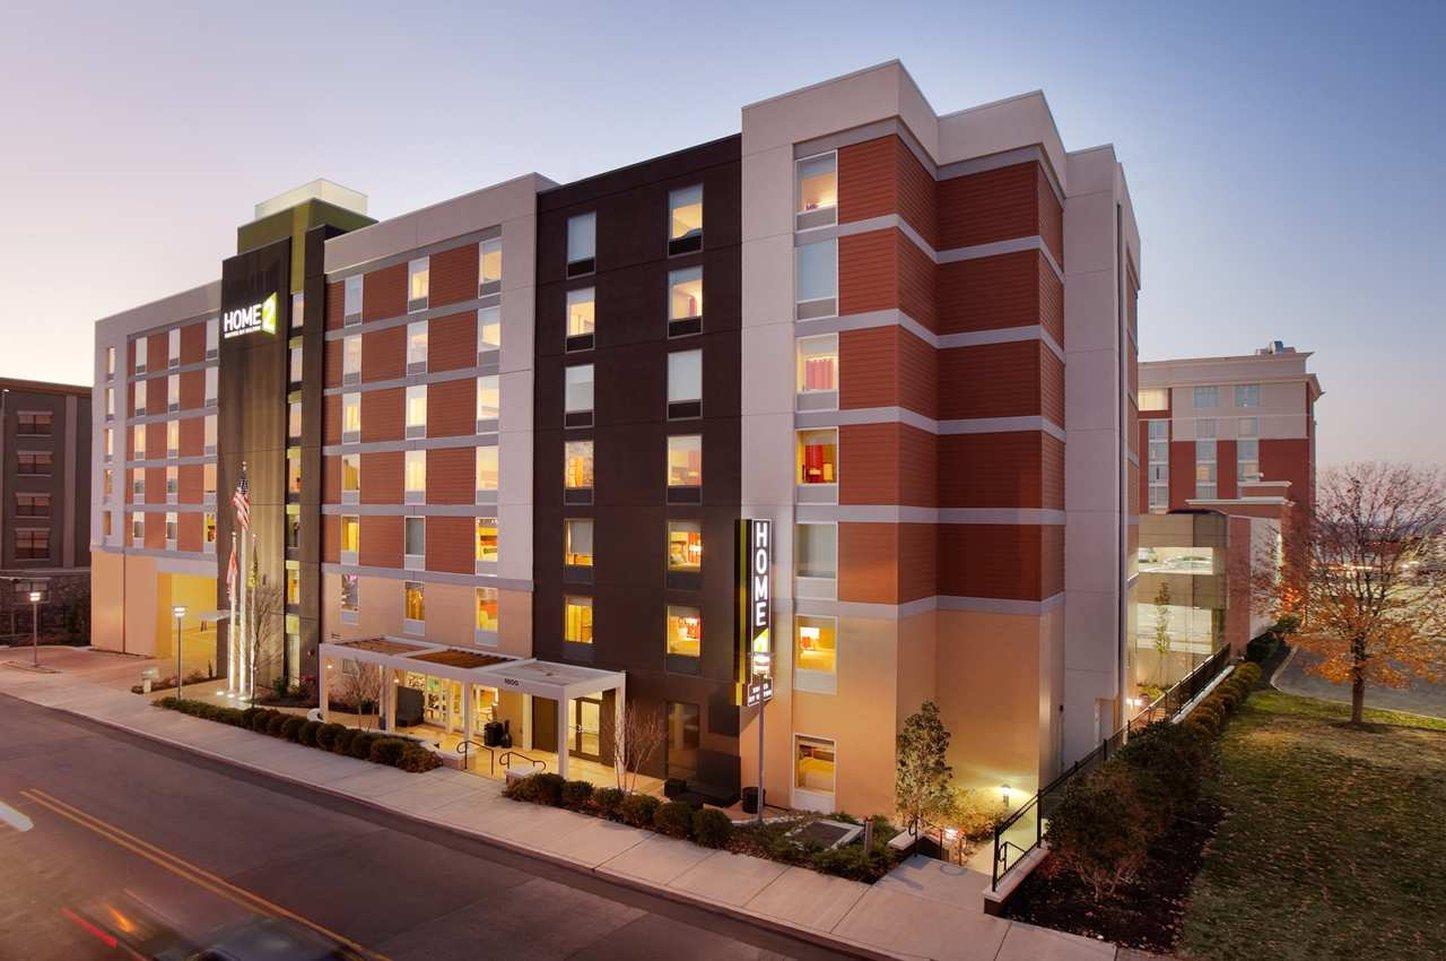 Home2 Suites Nashville Hotel